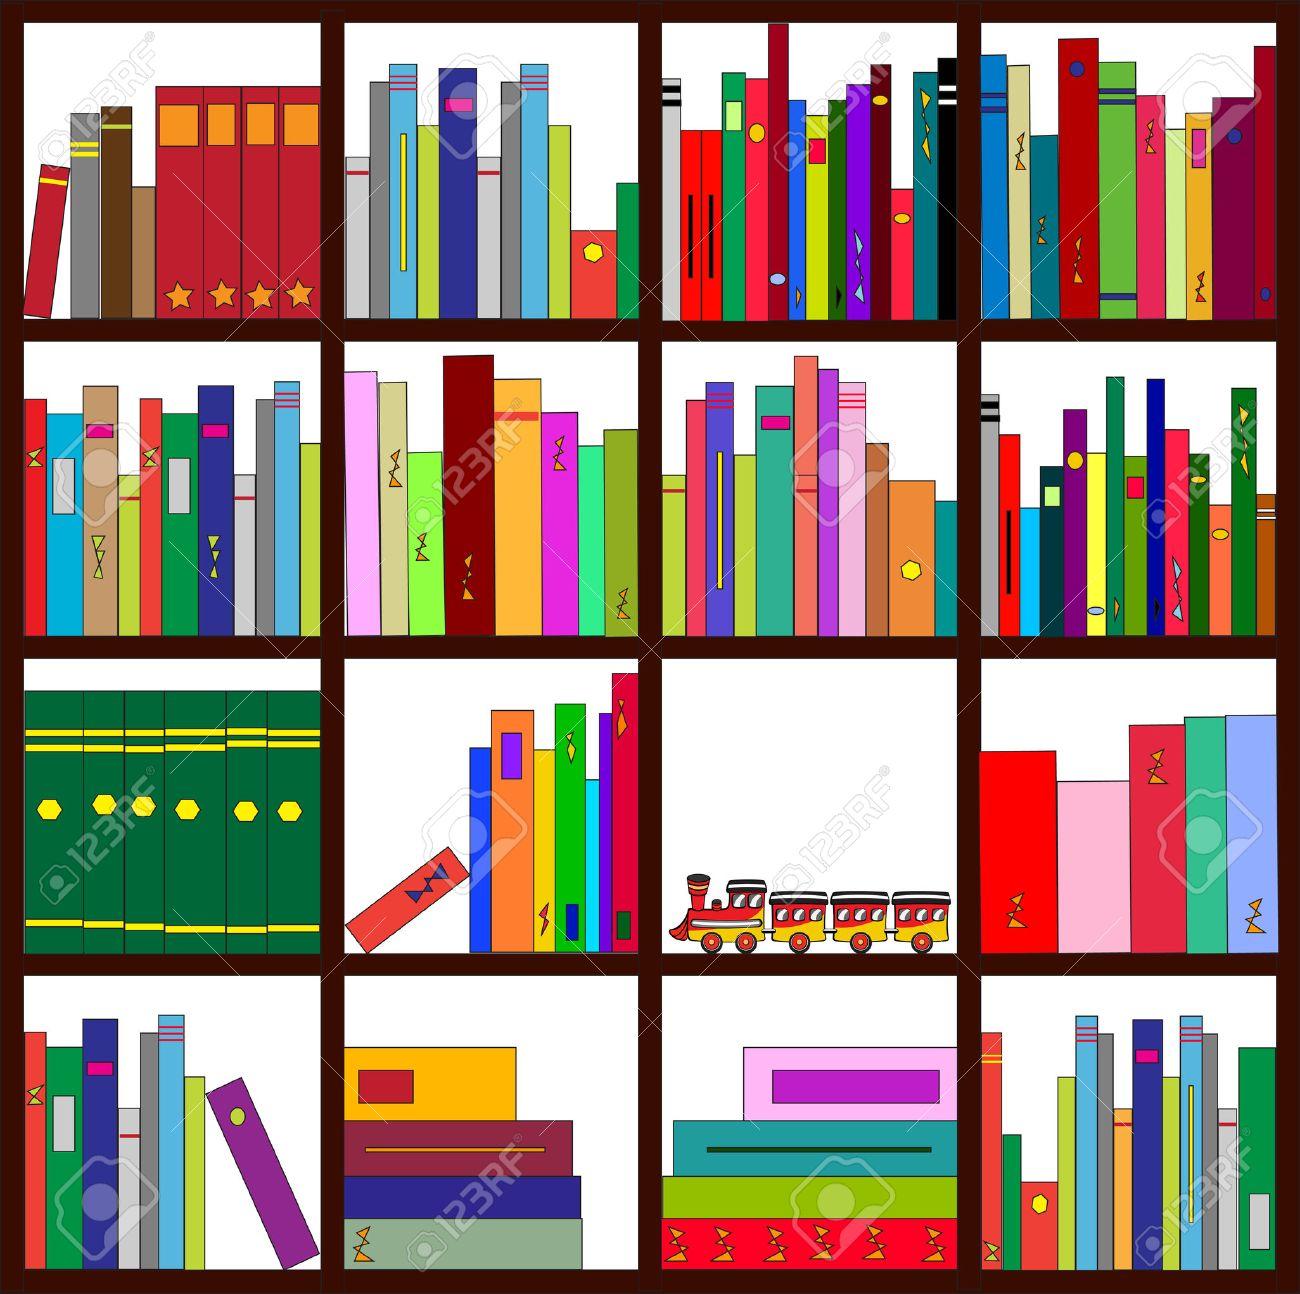 Wundervoll Coole Regale Referenz Von Tration Von Vier Mit Lädt Cool Bücher